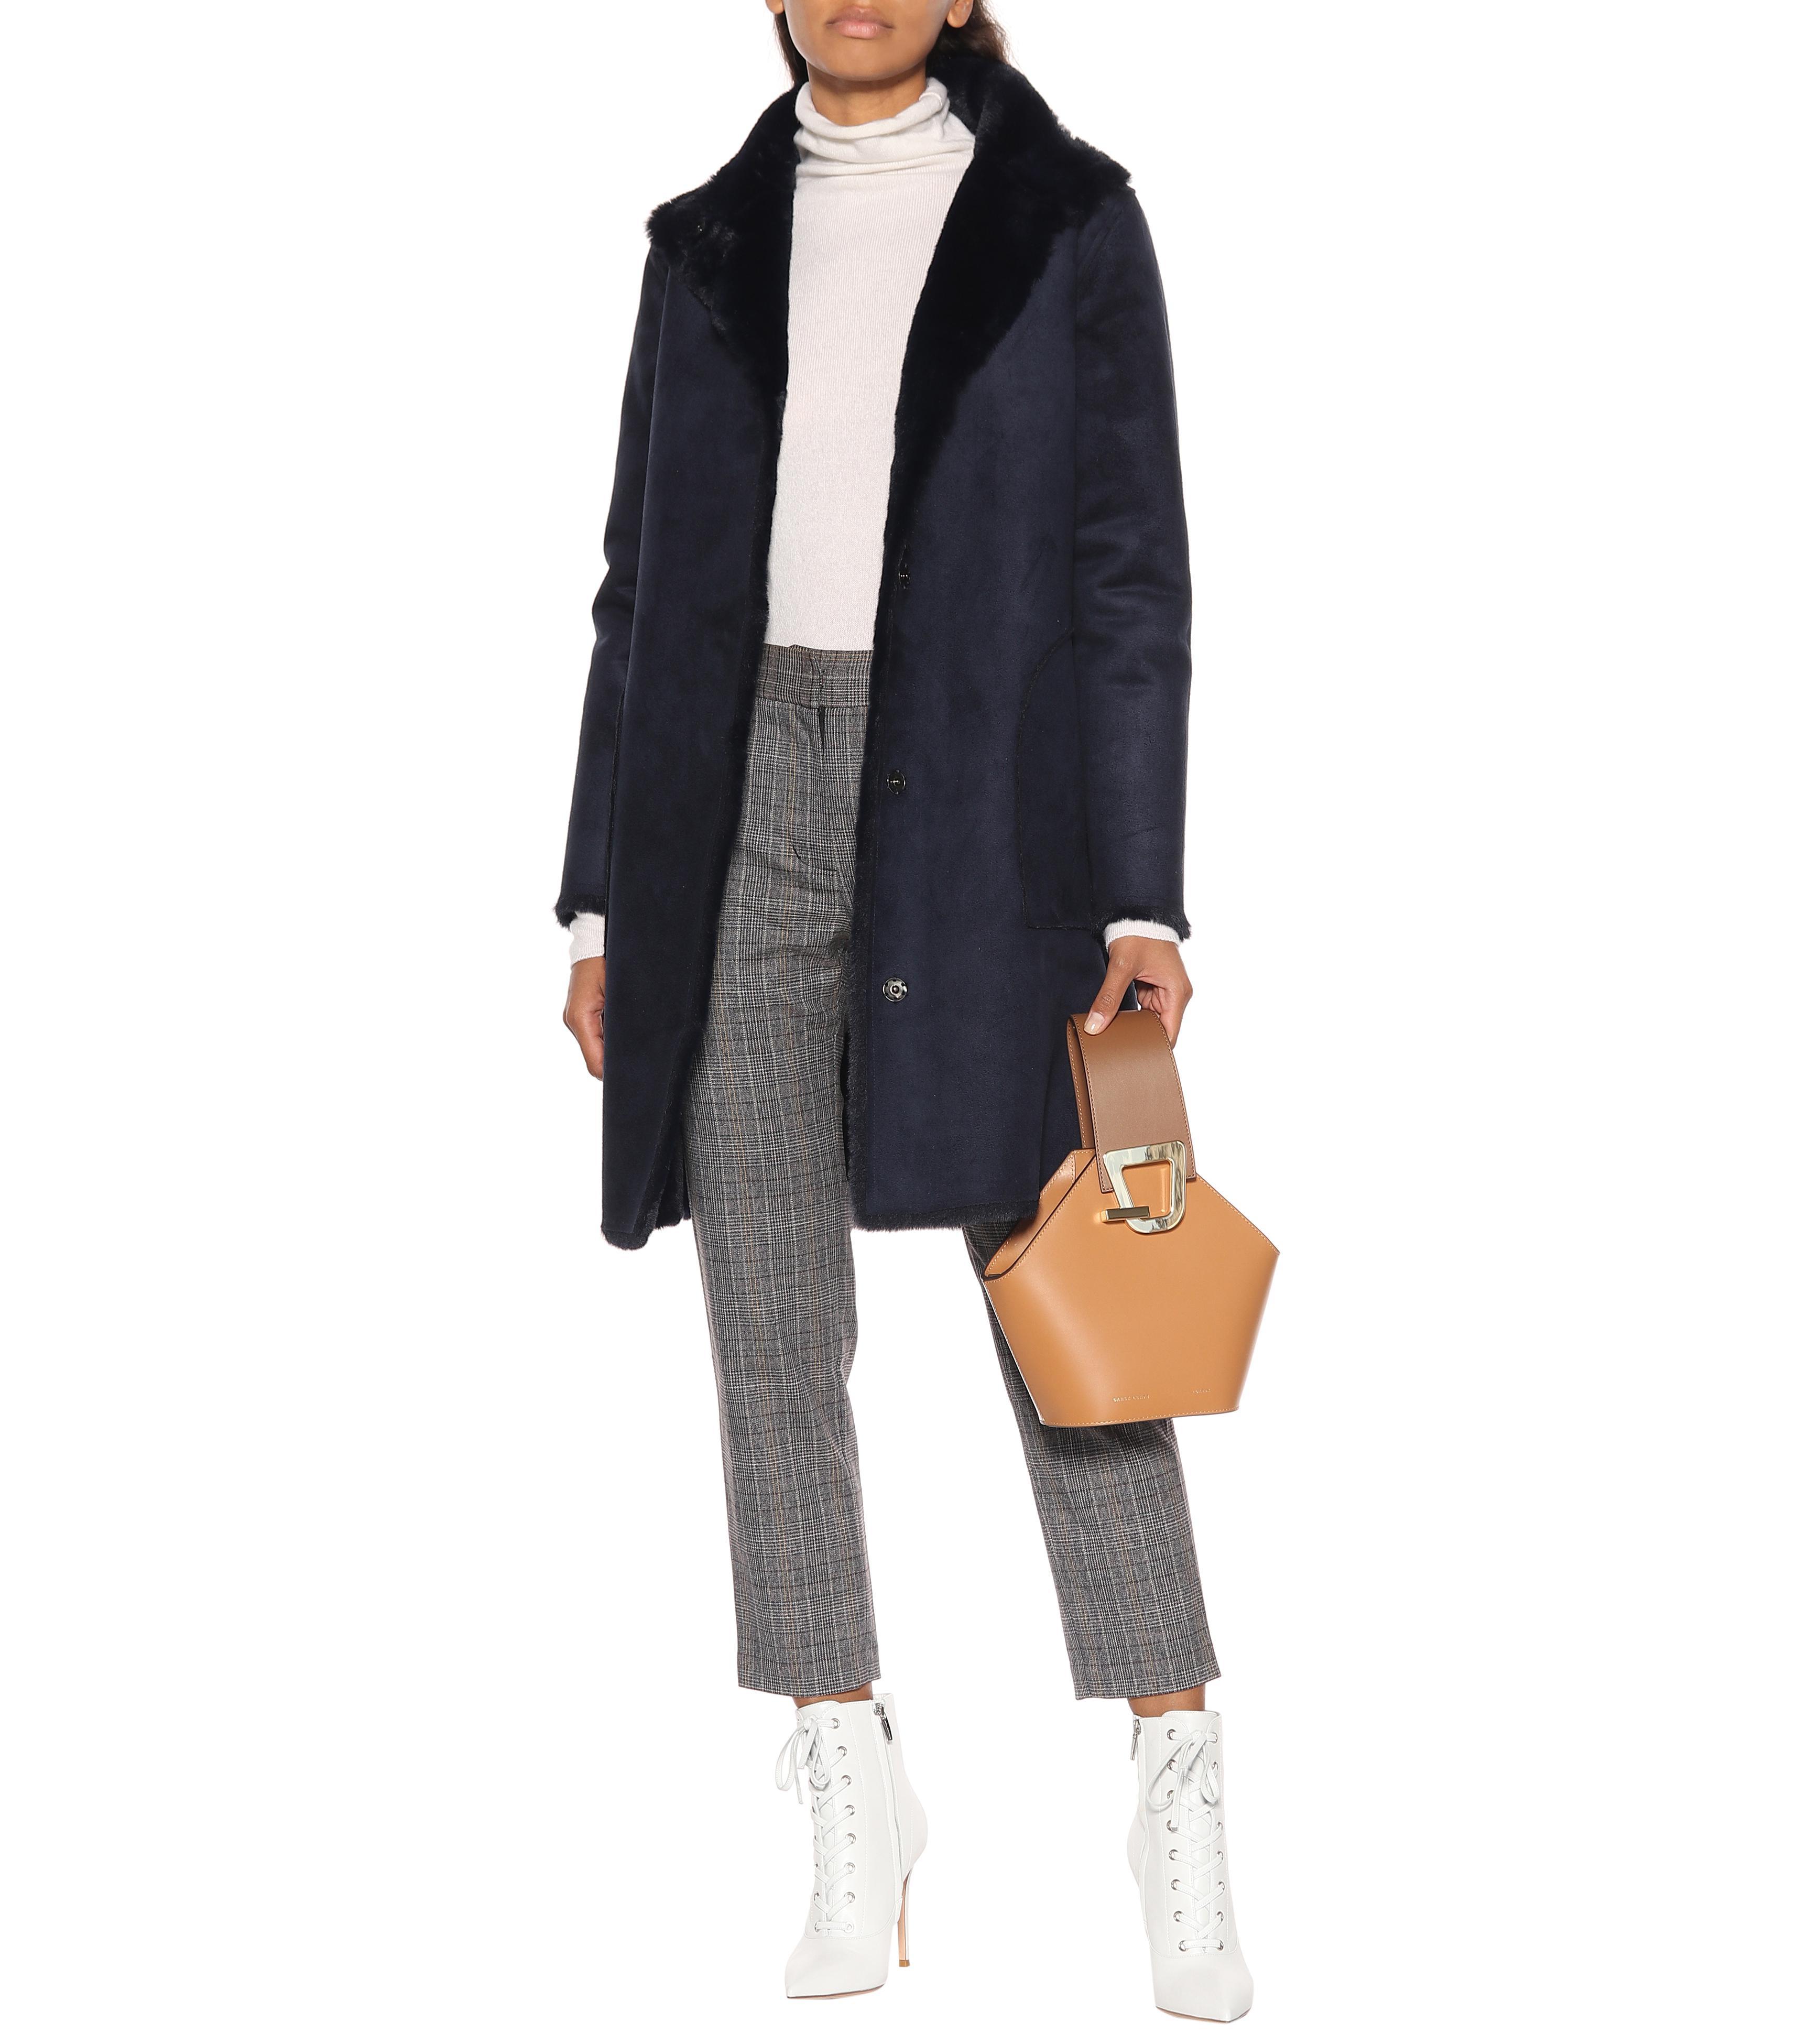 Pantalones Carilla de corte recto Velvet de Terciopelo de color Gris